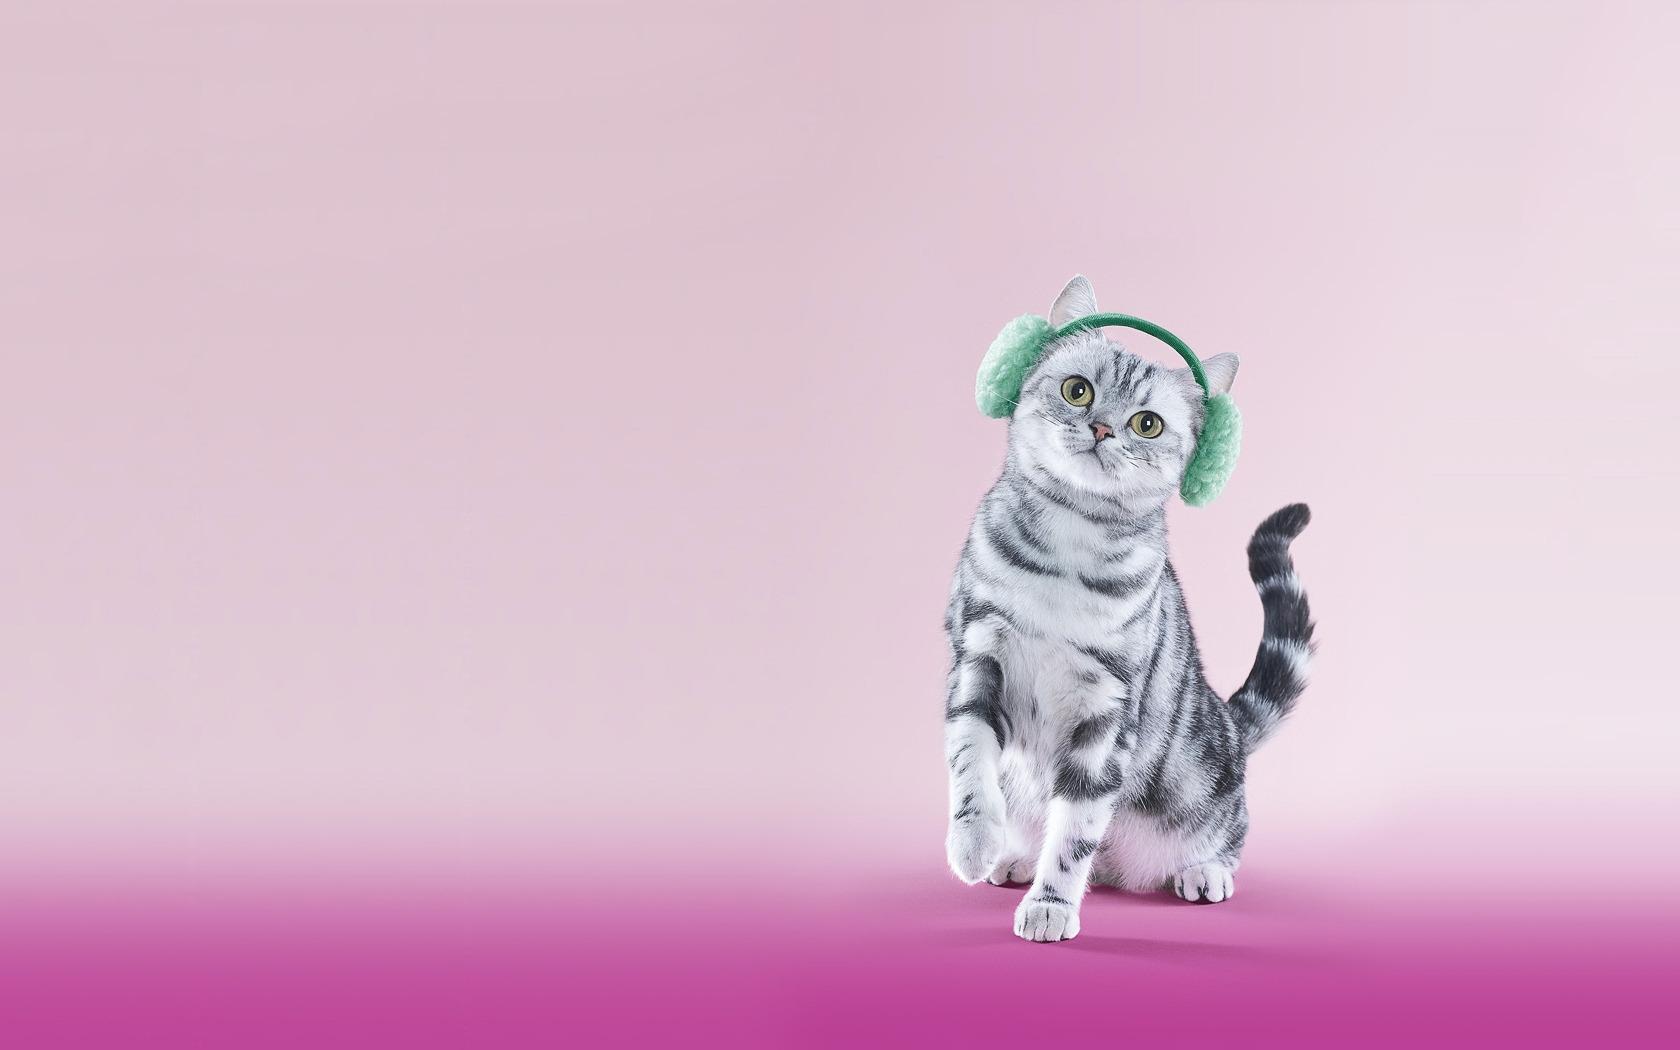 cat headphones lilac funny 1107067